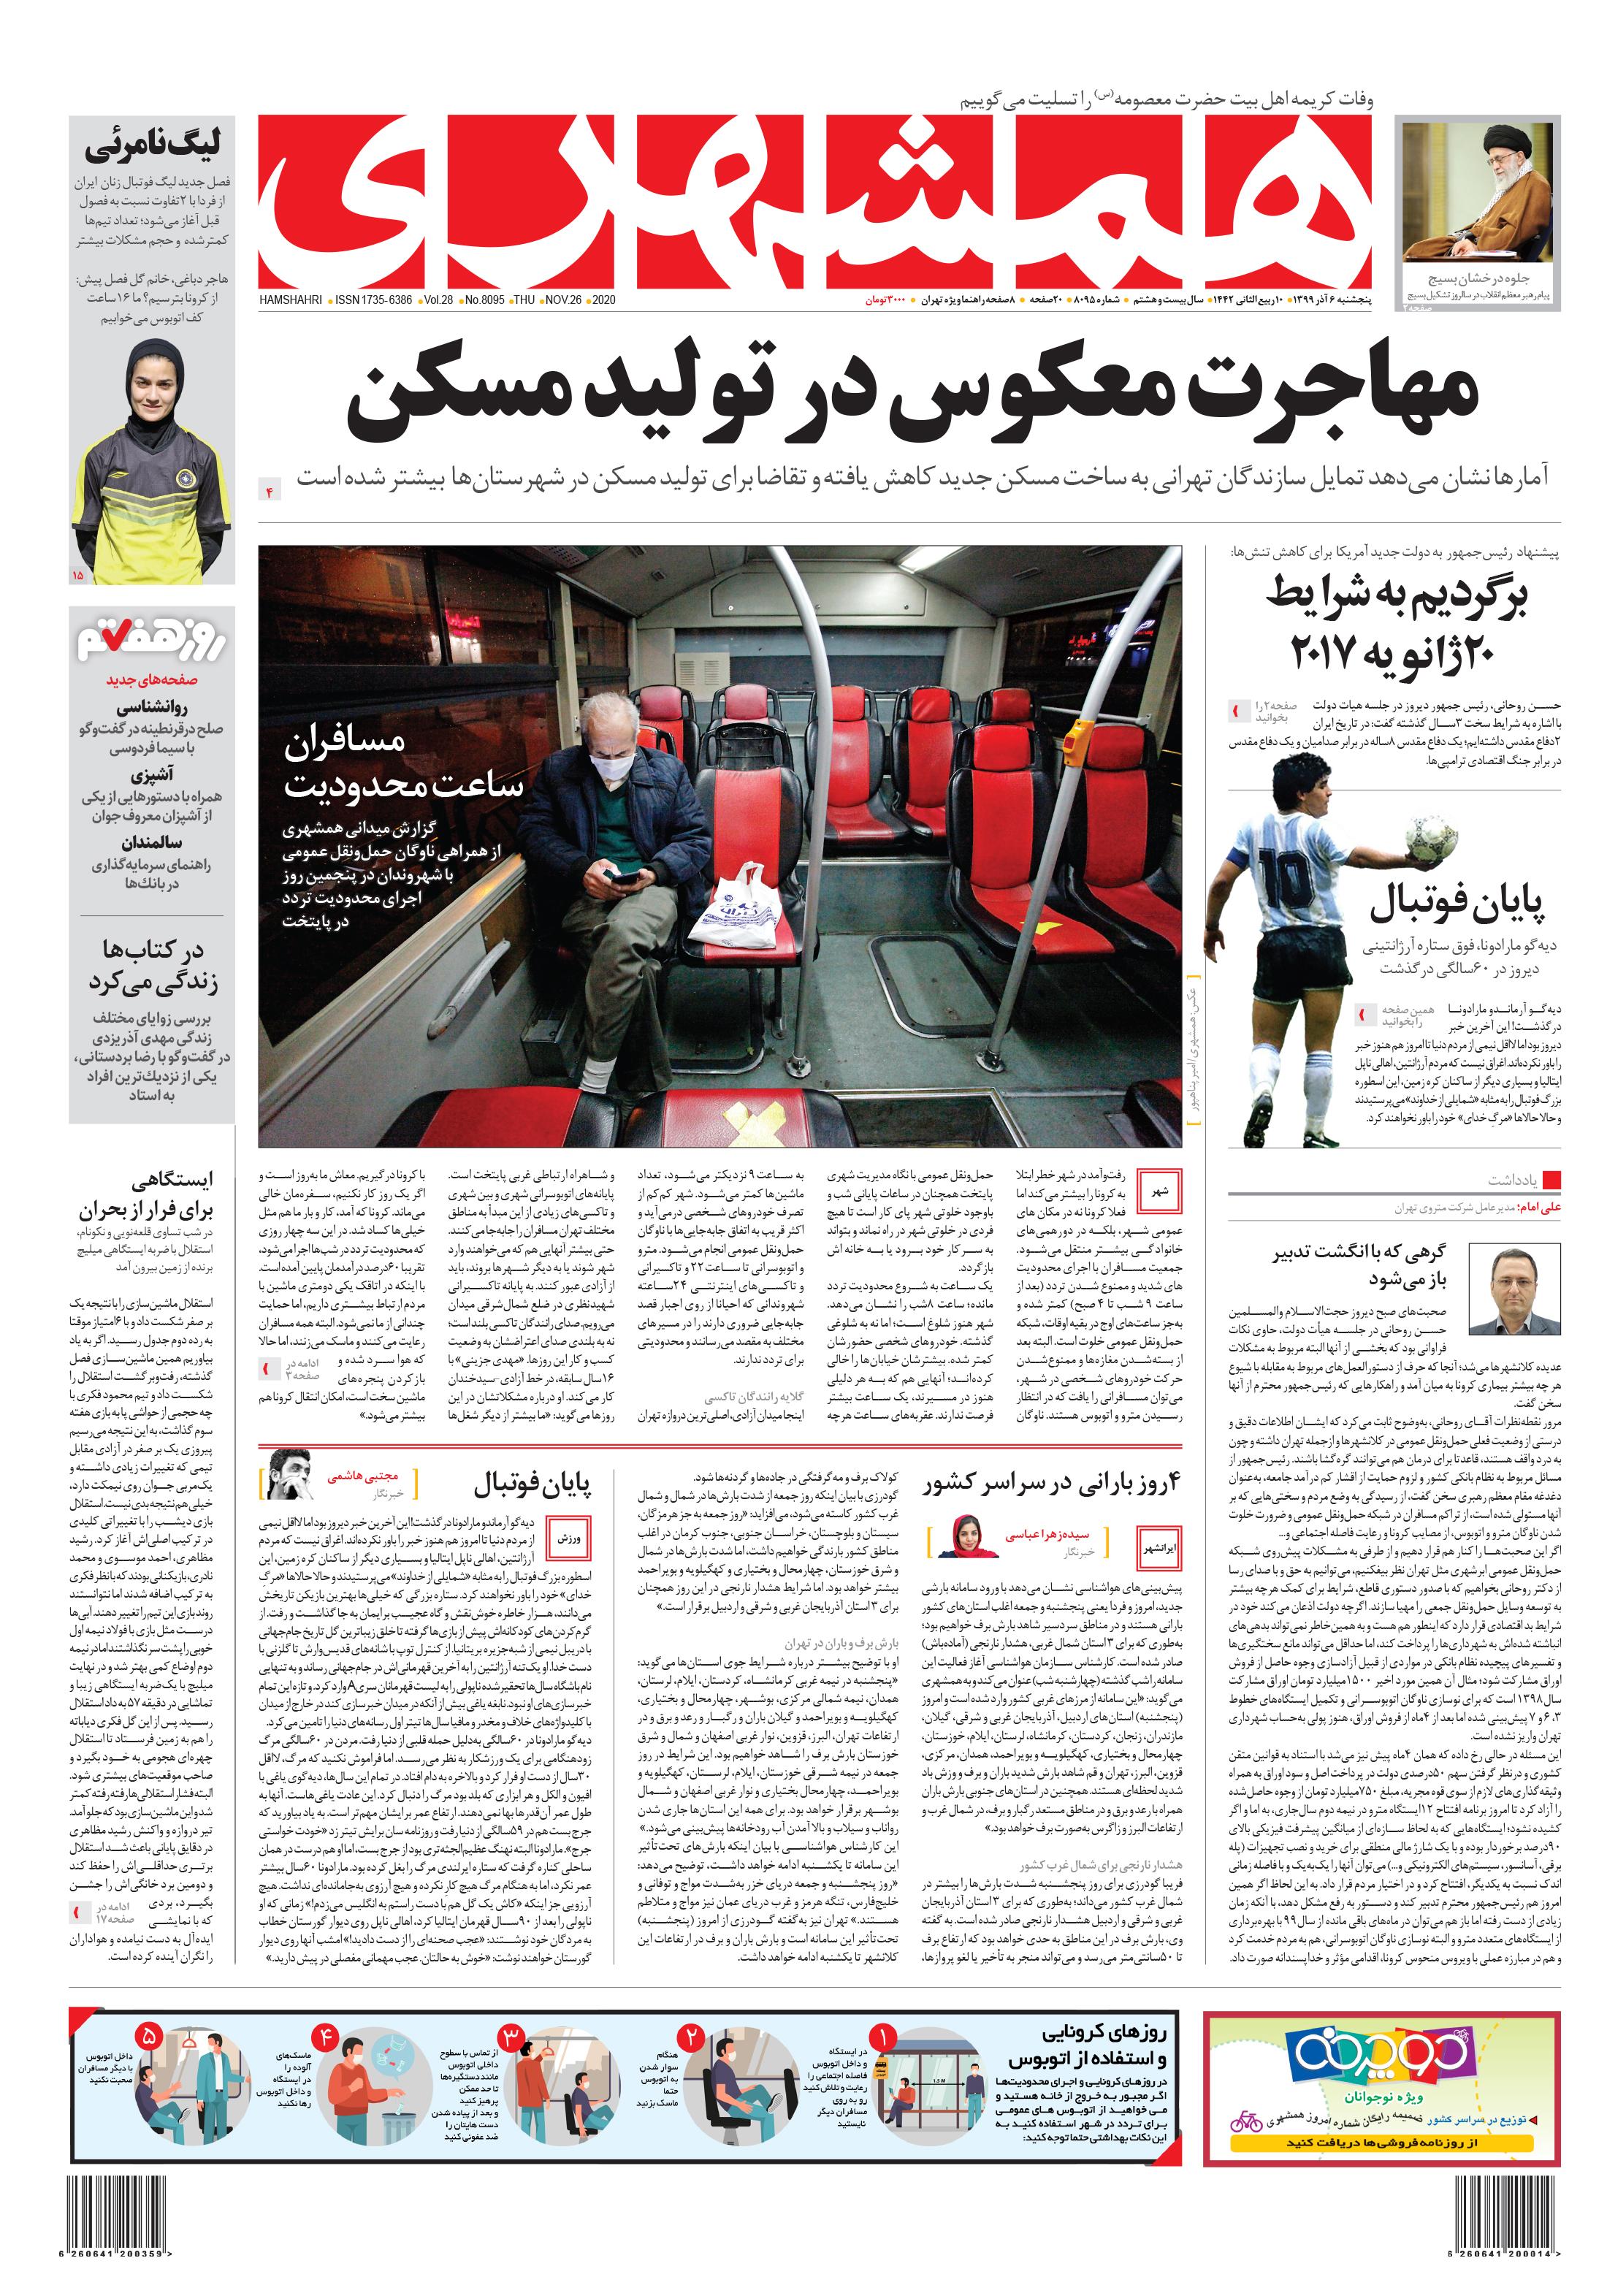 صفحه اول پنجشنبه 6 آذر 1399